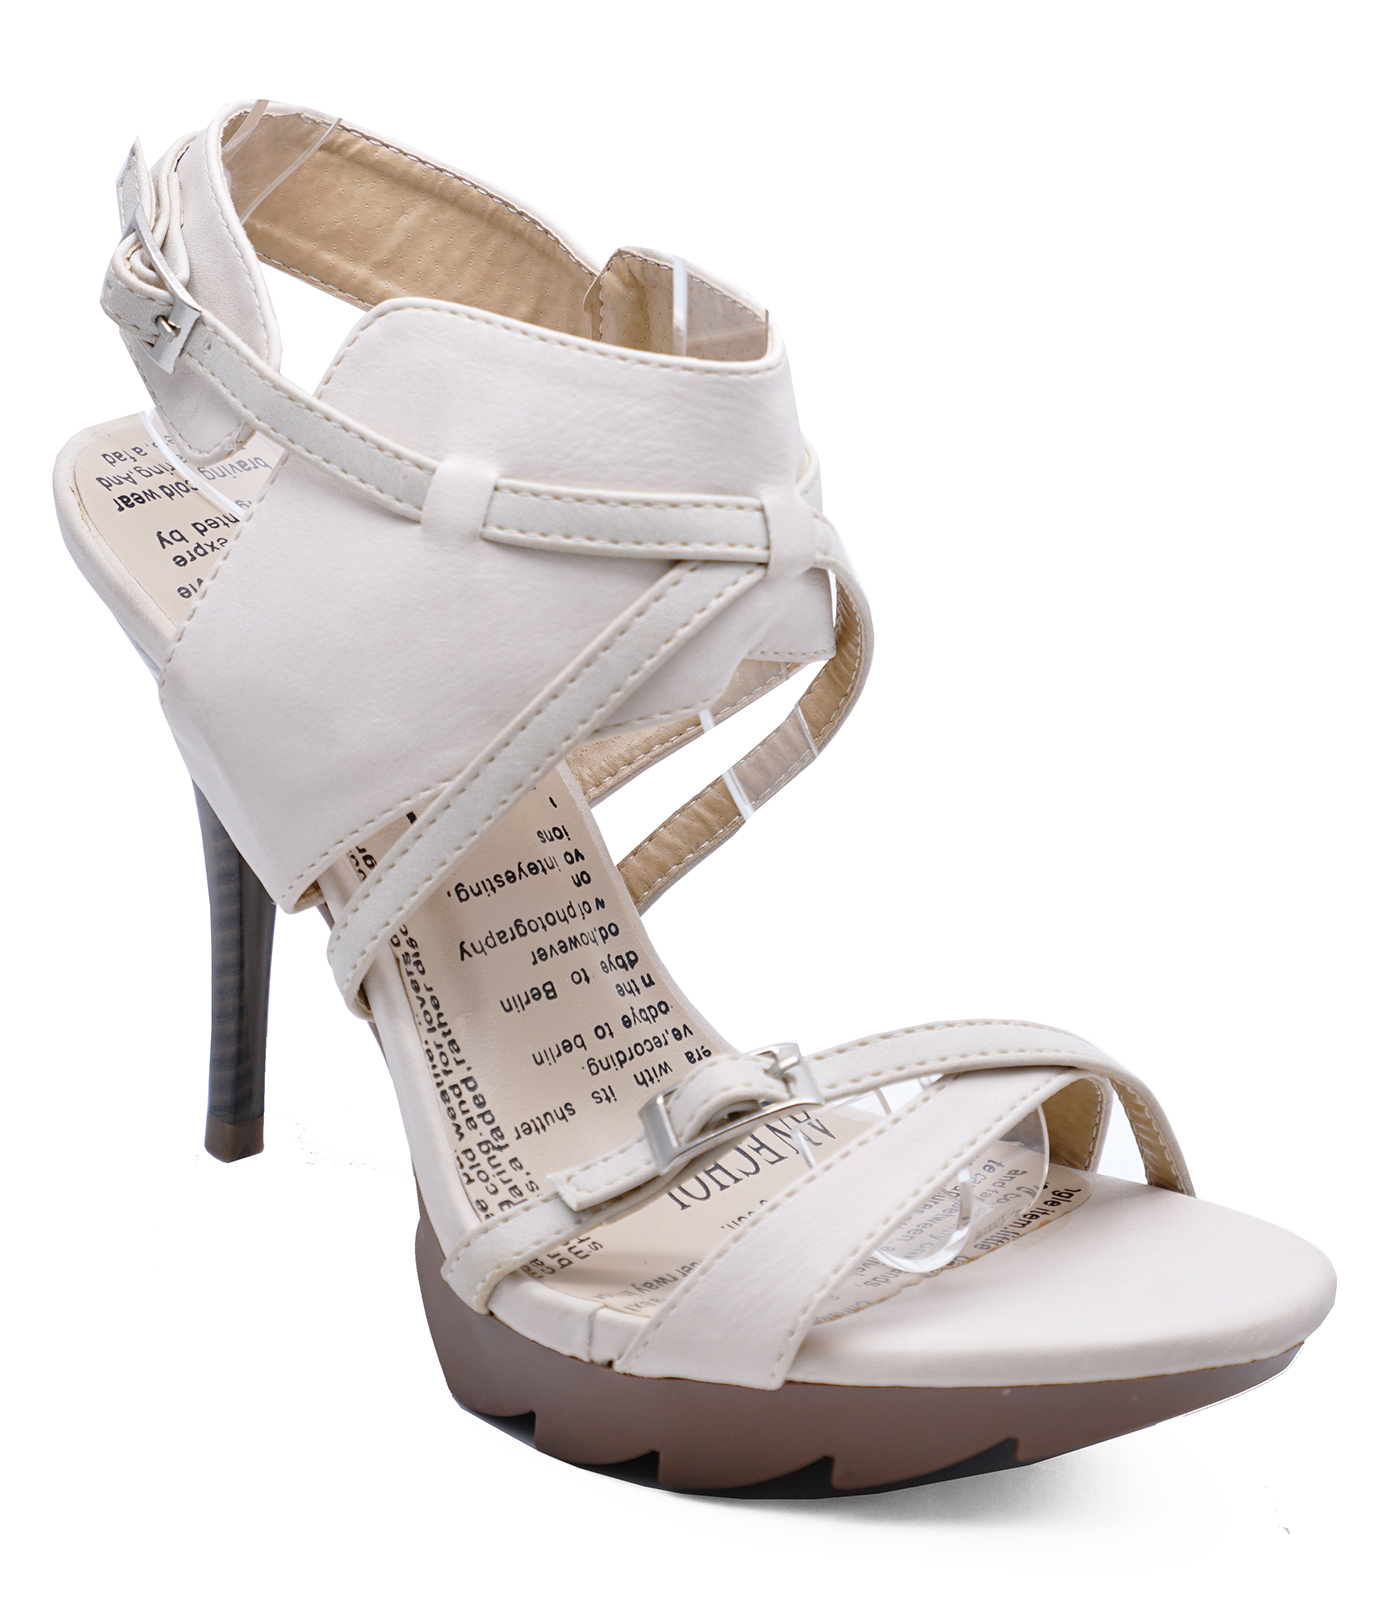 originales mayor selección de 2019 venta reino unido Detalles de Damas Beige Stiletto con tiras Sandalias Gladiador Brazalete De  Tobillo Tacones Zapatos Tallas 2-8- ver título original